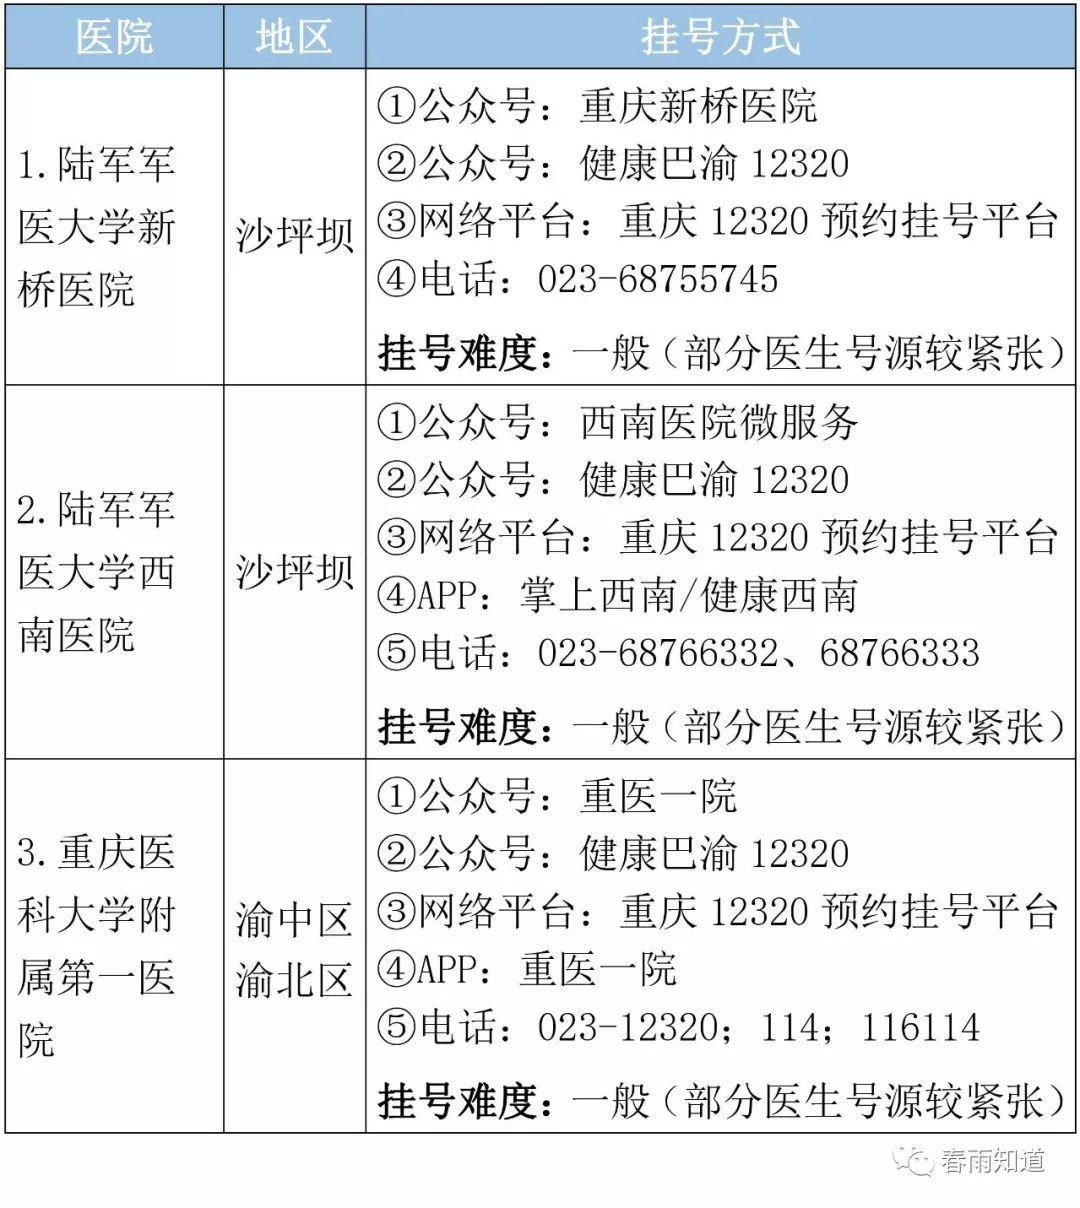 重庆市顶级医院名单,专科排名、挂号方式都在这里了